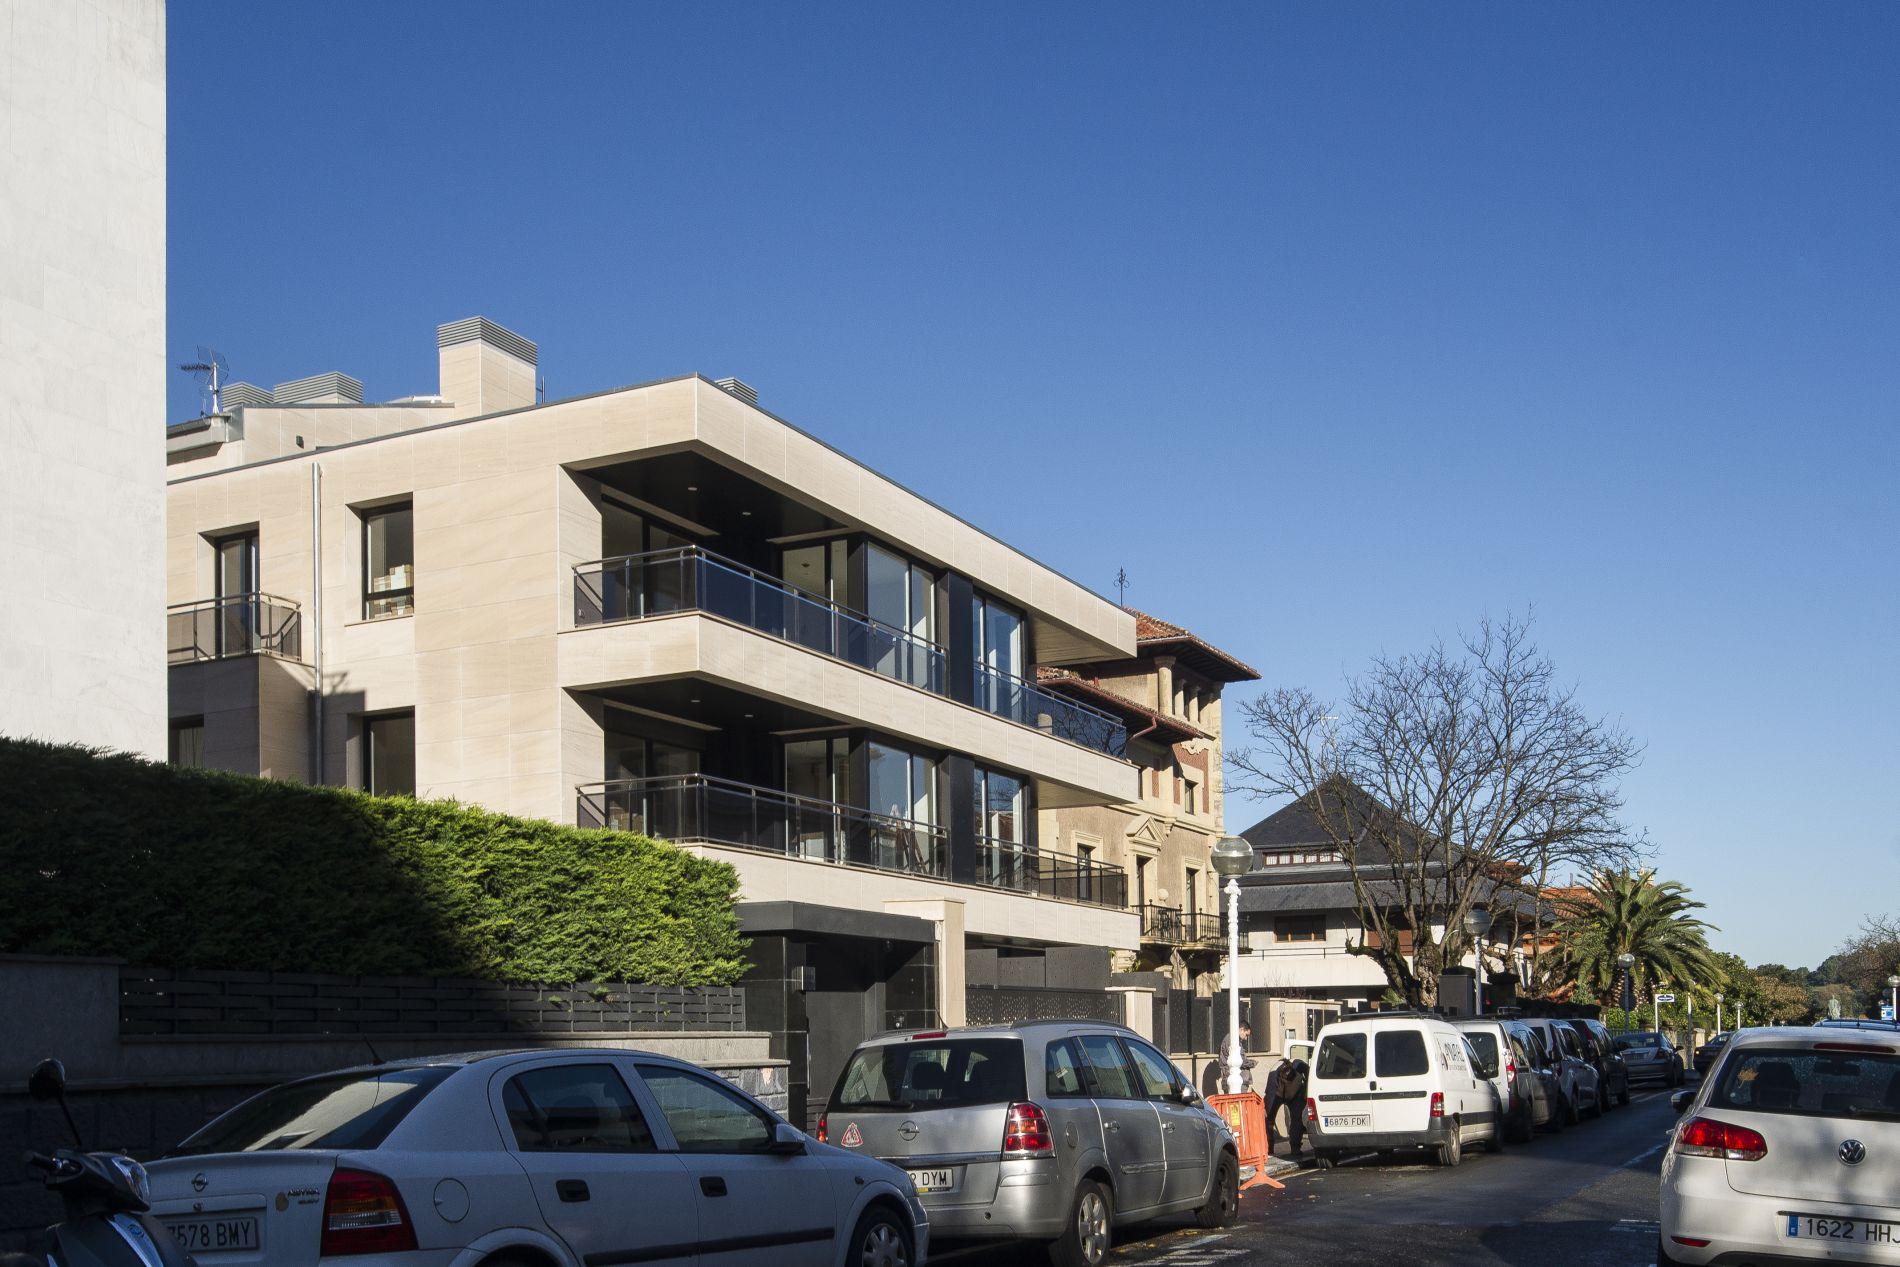 Fiark - 6 viviendas en Infanta Beatriz 16 1